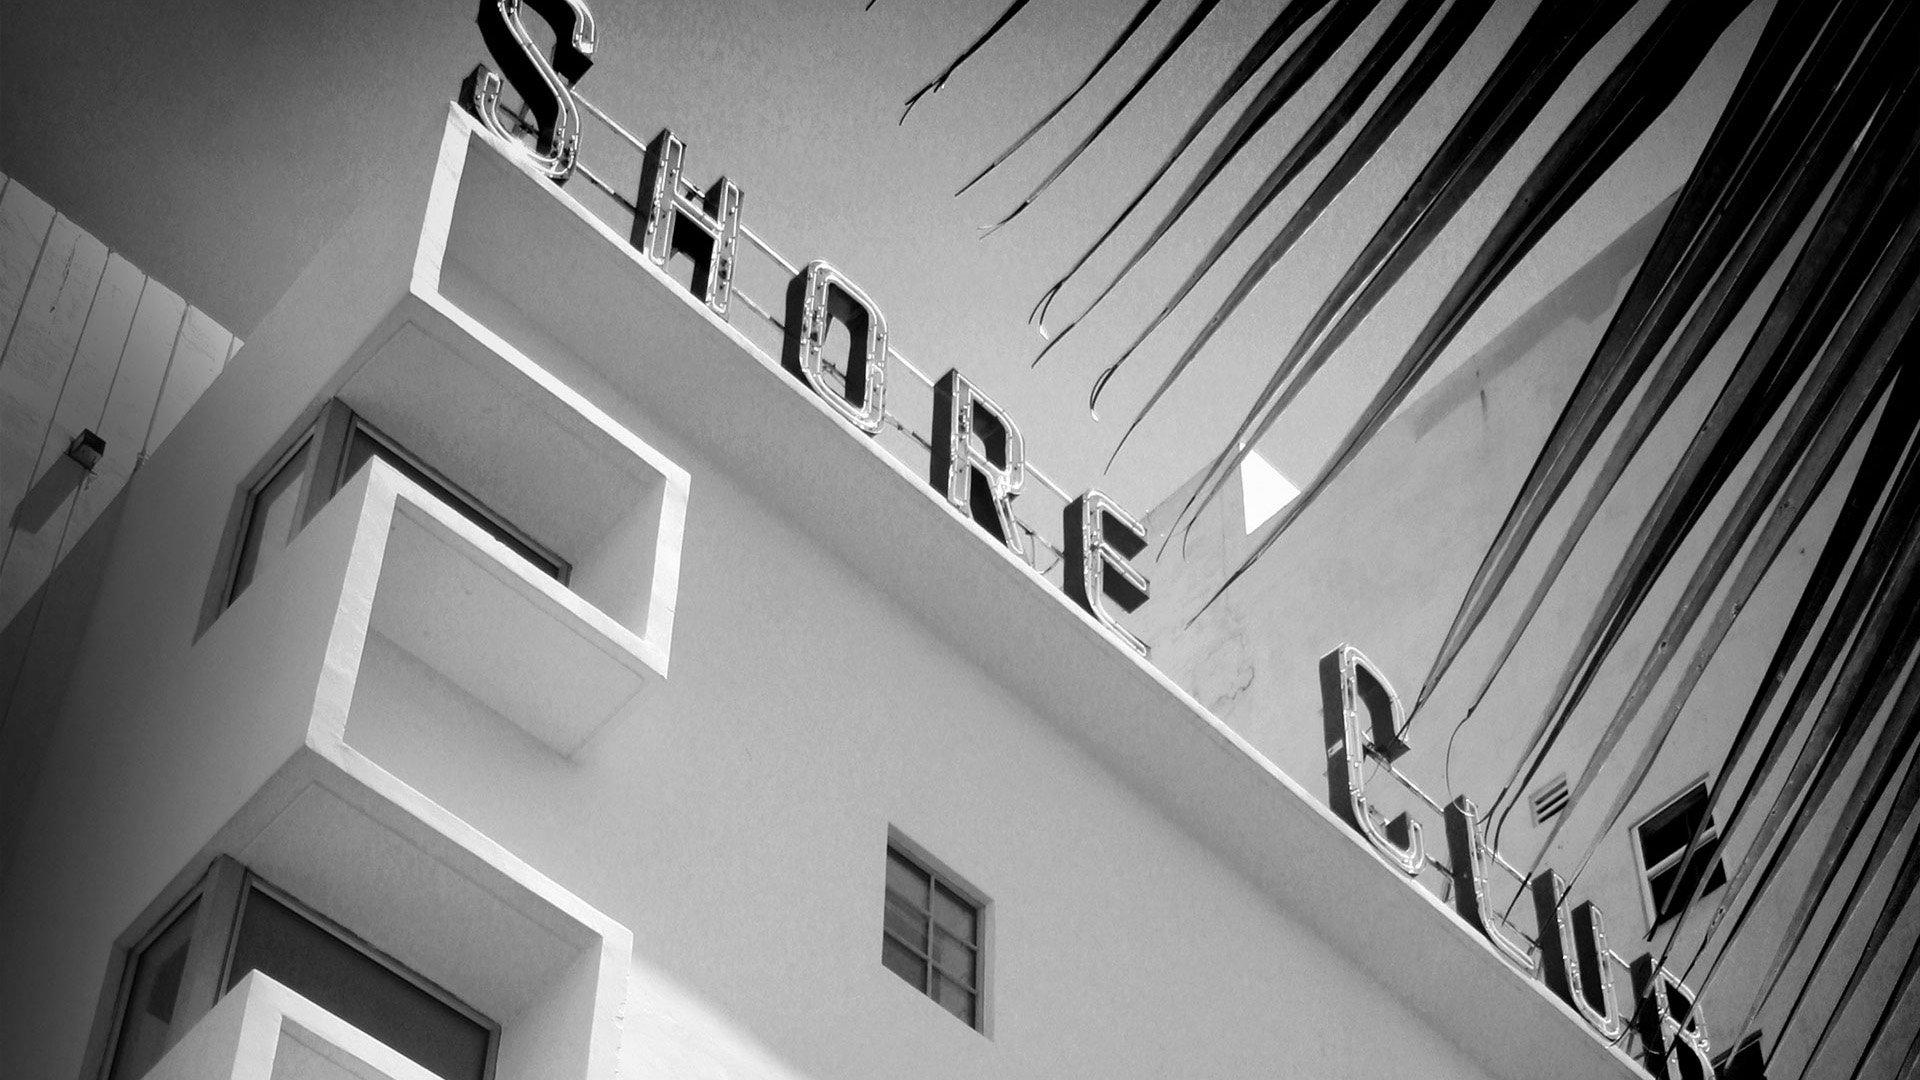 壁纸1920×1080纯粹的光影美学 人文建筑黑白摄影壁纸 Shore Club Miami 迈阿密海岸俱乐部桌面壁纸壁纸 纯粹的光影美学人文建筑黑白摄影壁纸壁纸图片人文壁纸人文图片素材桌面壁纸